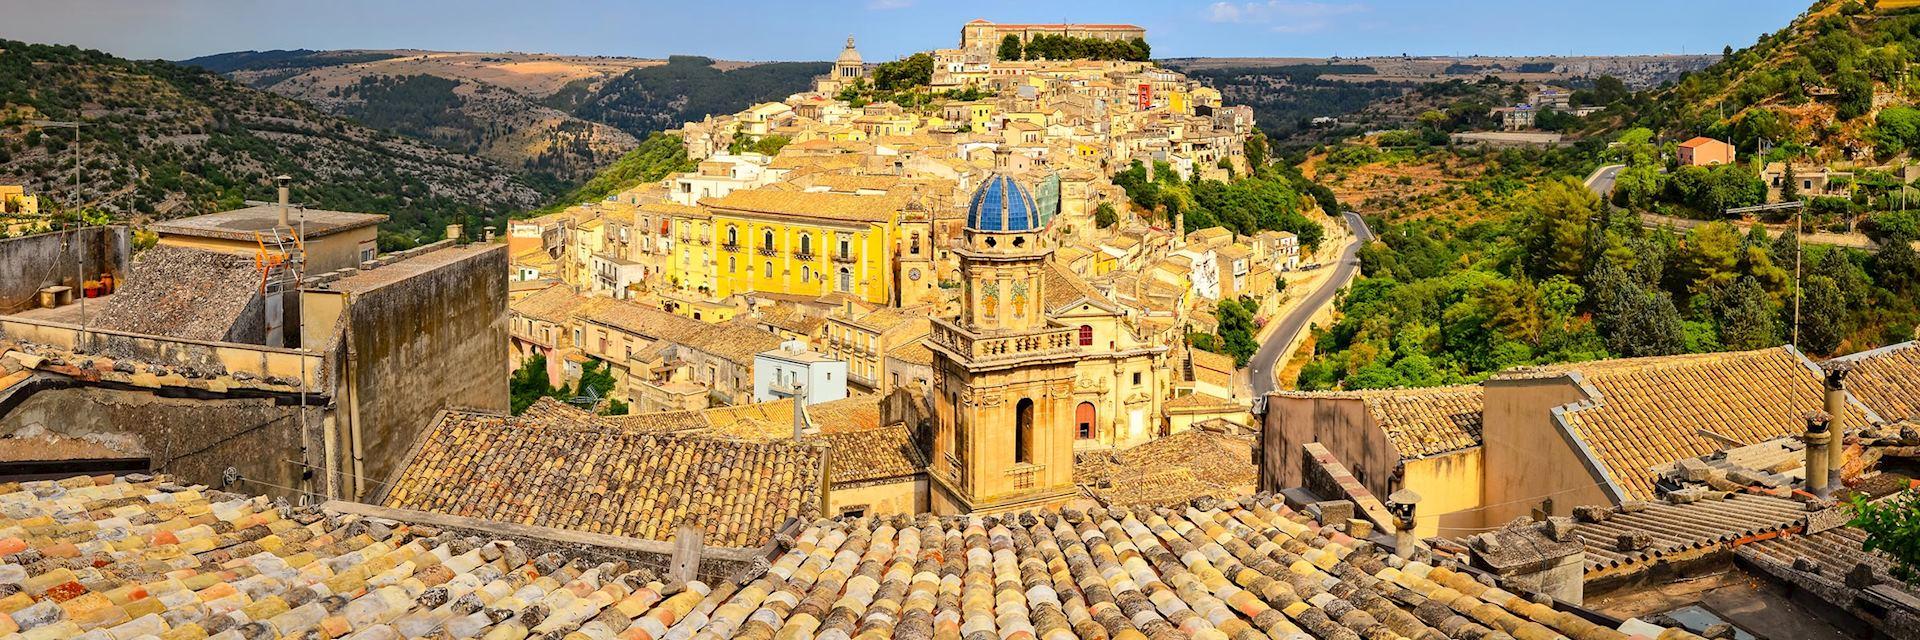 Ragusa in Sicily